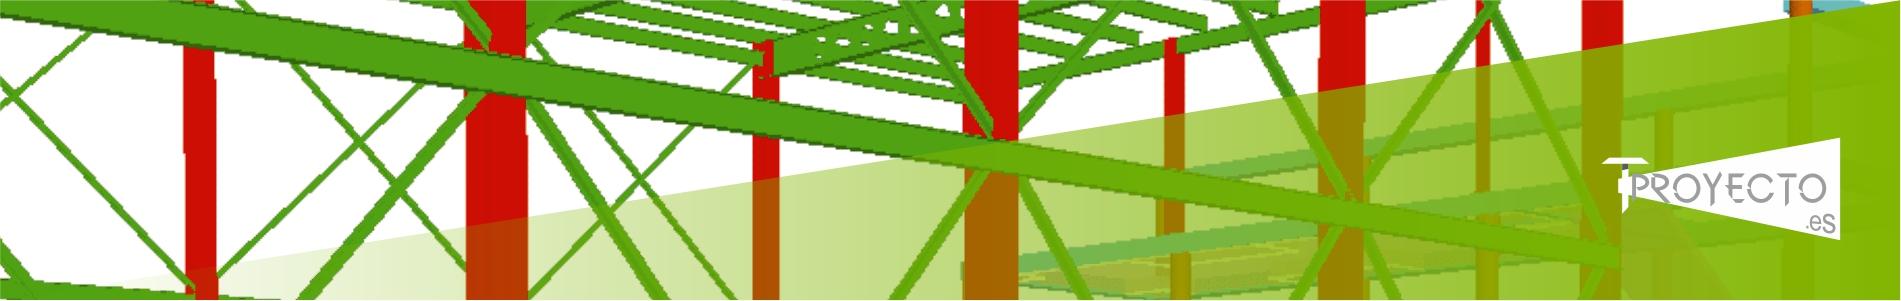 Tproyecto Cálculo de Estructuras